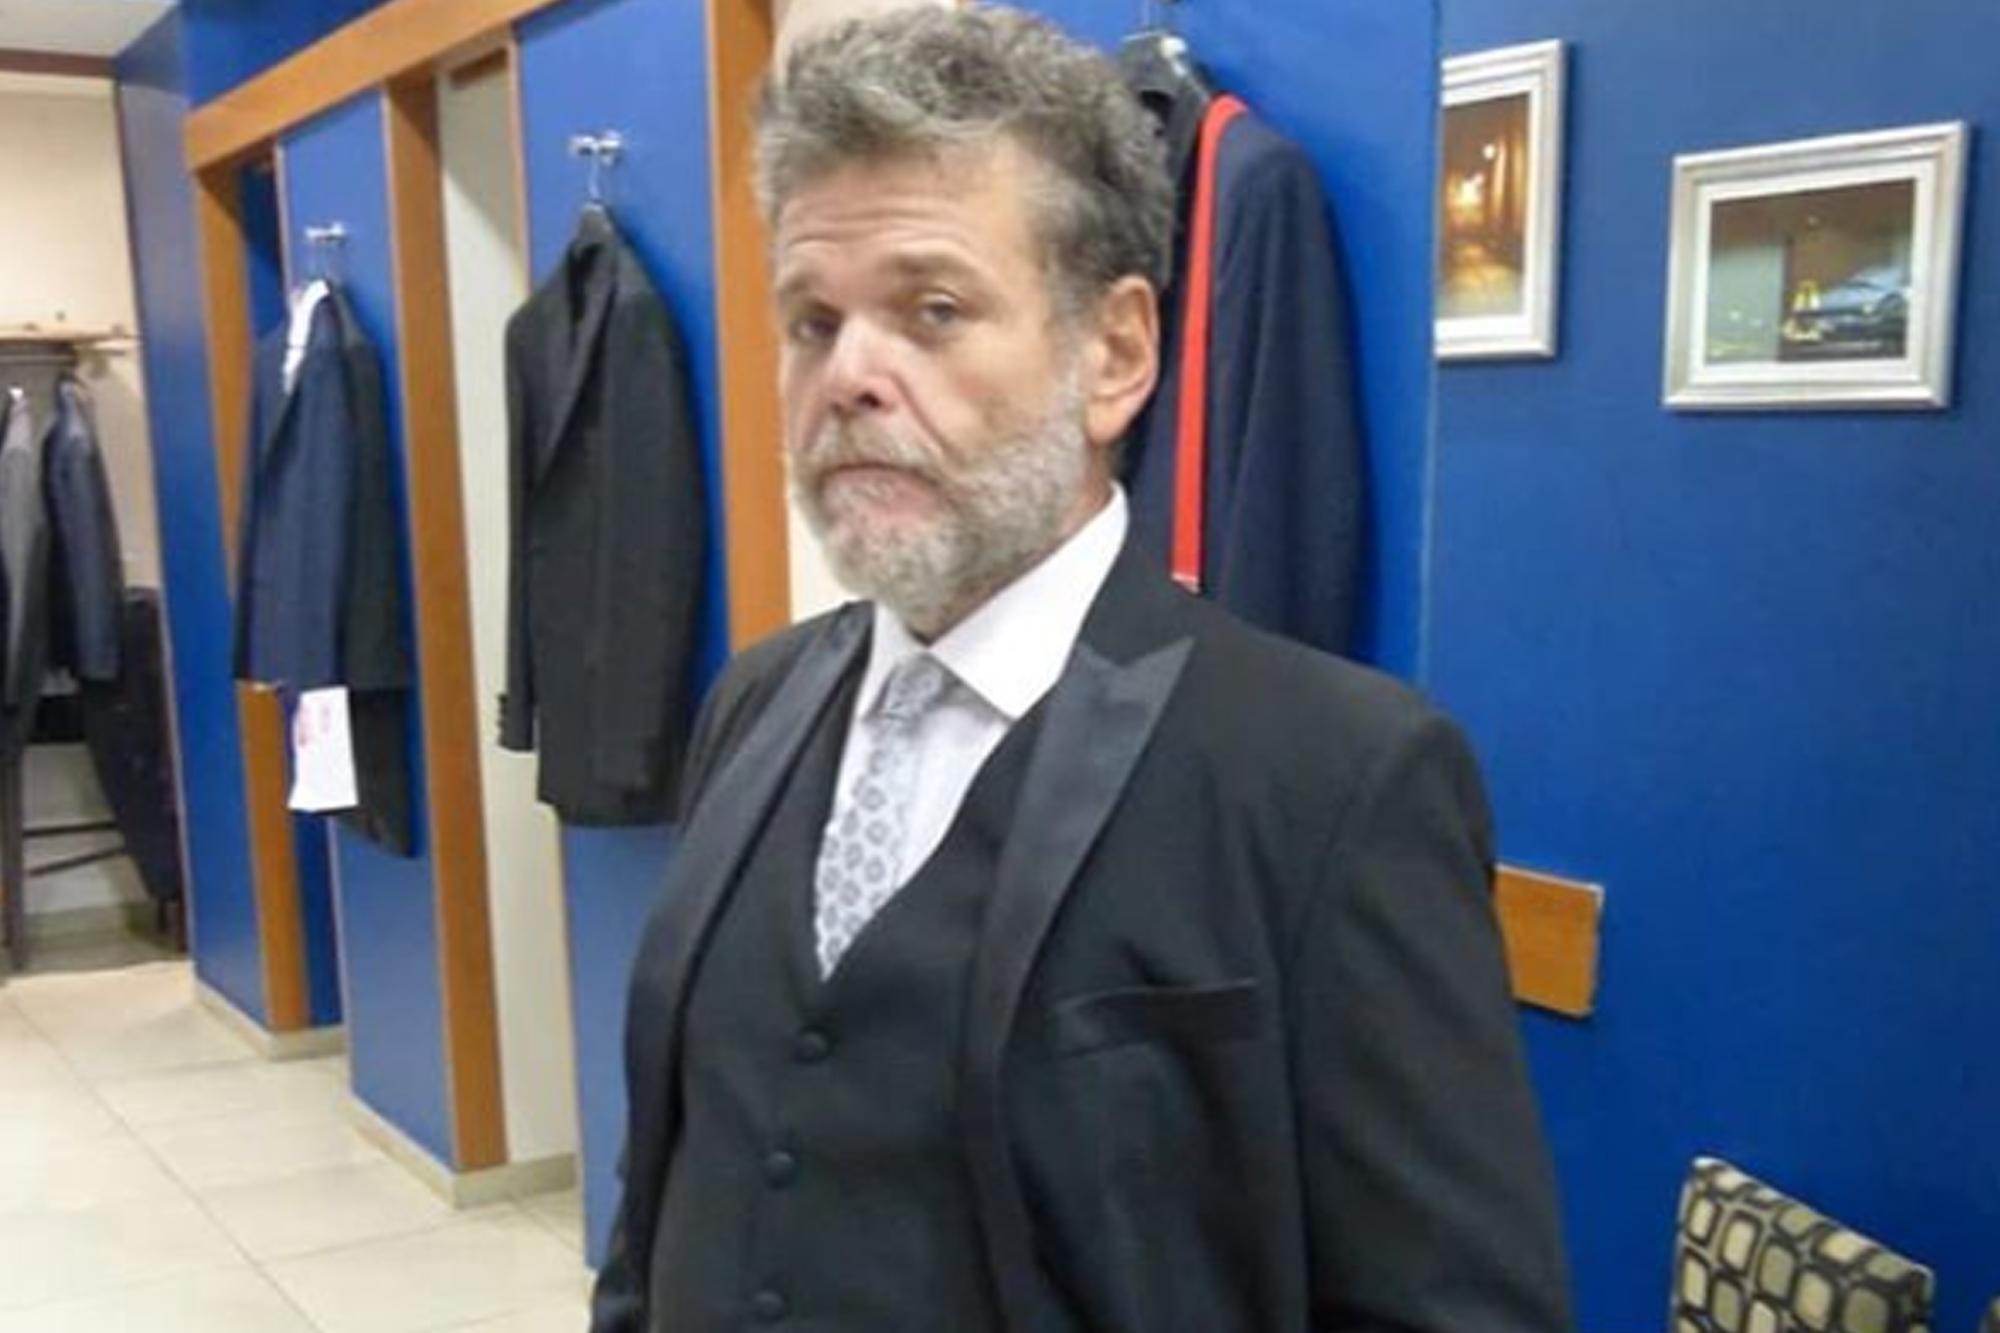 """Enojado, Alfredo Casero dijo que podría ser diputado en un futuro: """"Es muy feo volver a ver todo esto"""""""